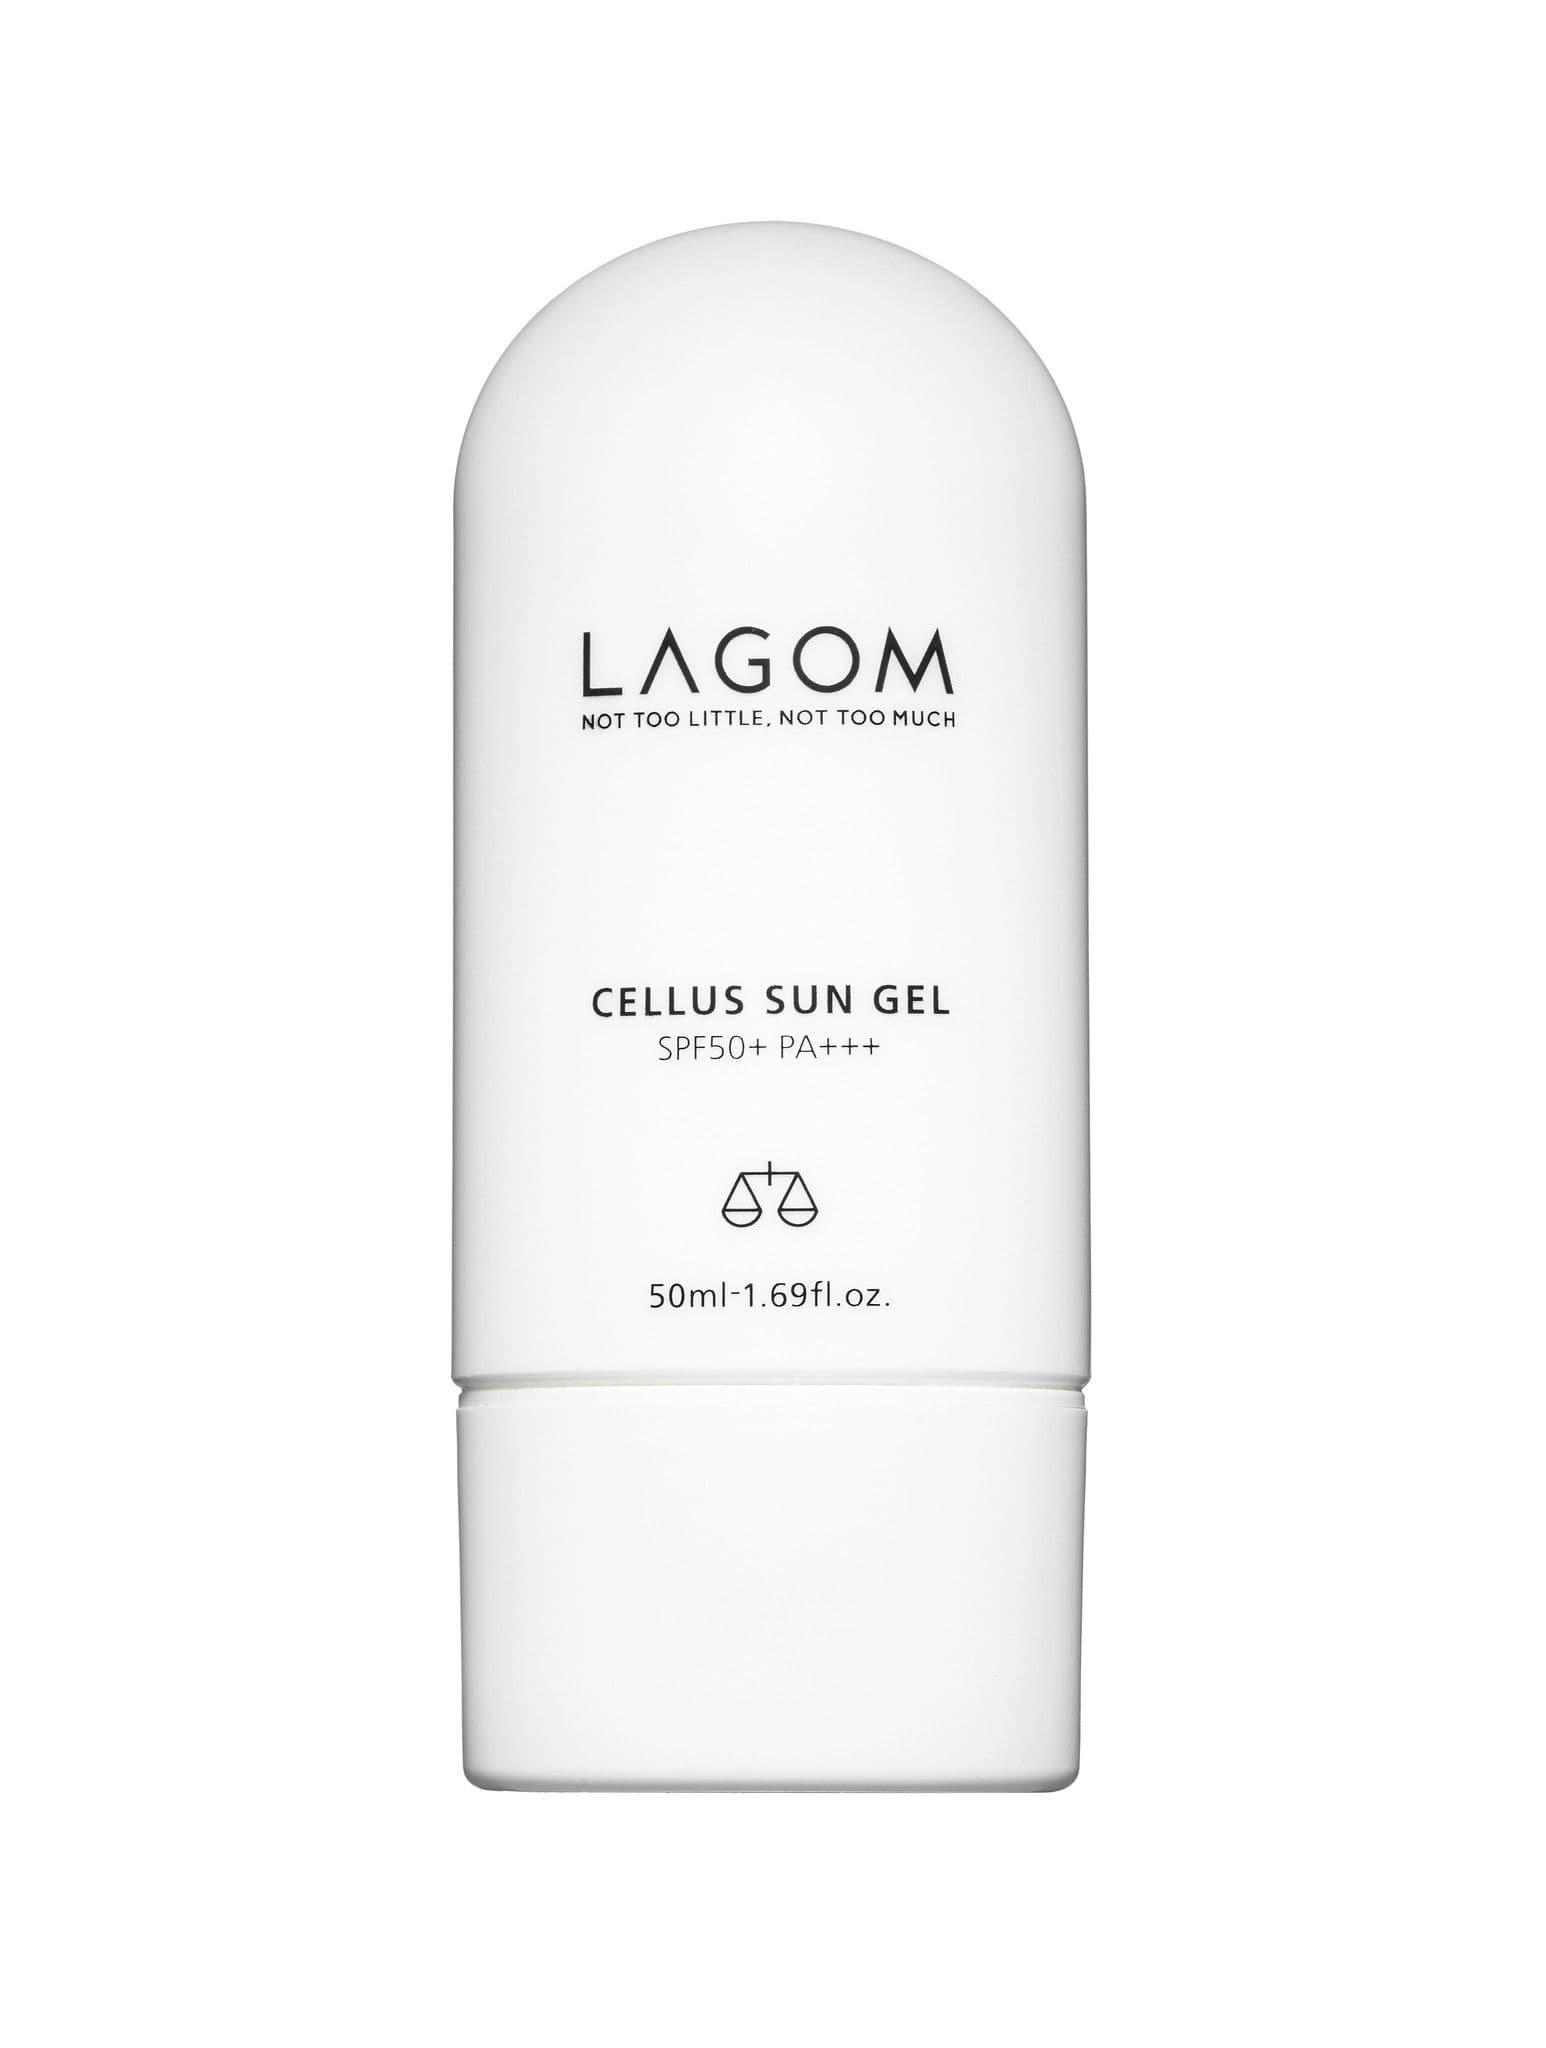 Lagom Cellus Sun Gel SPF50